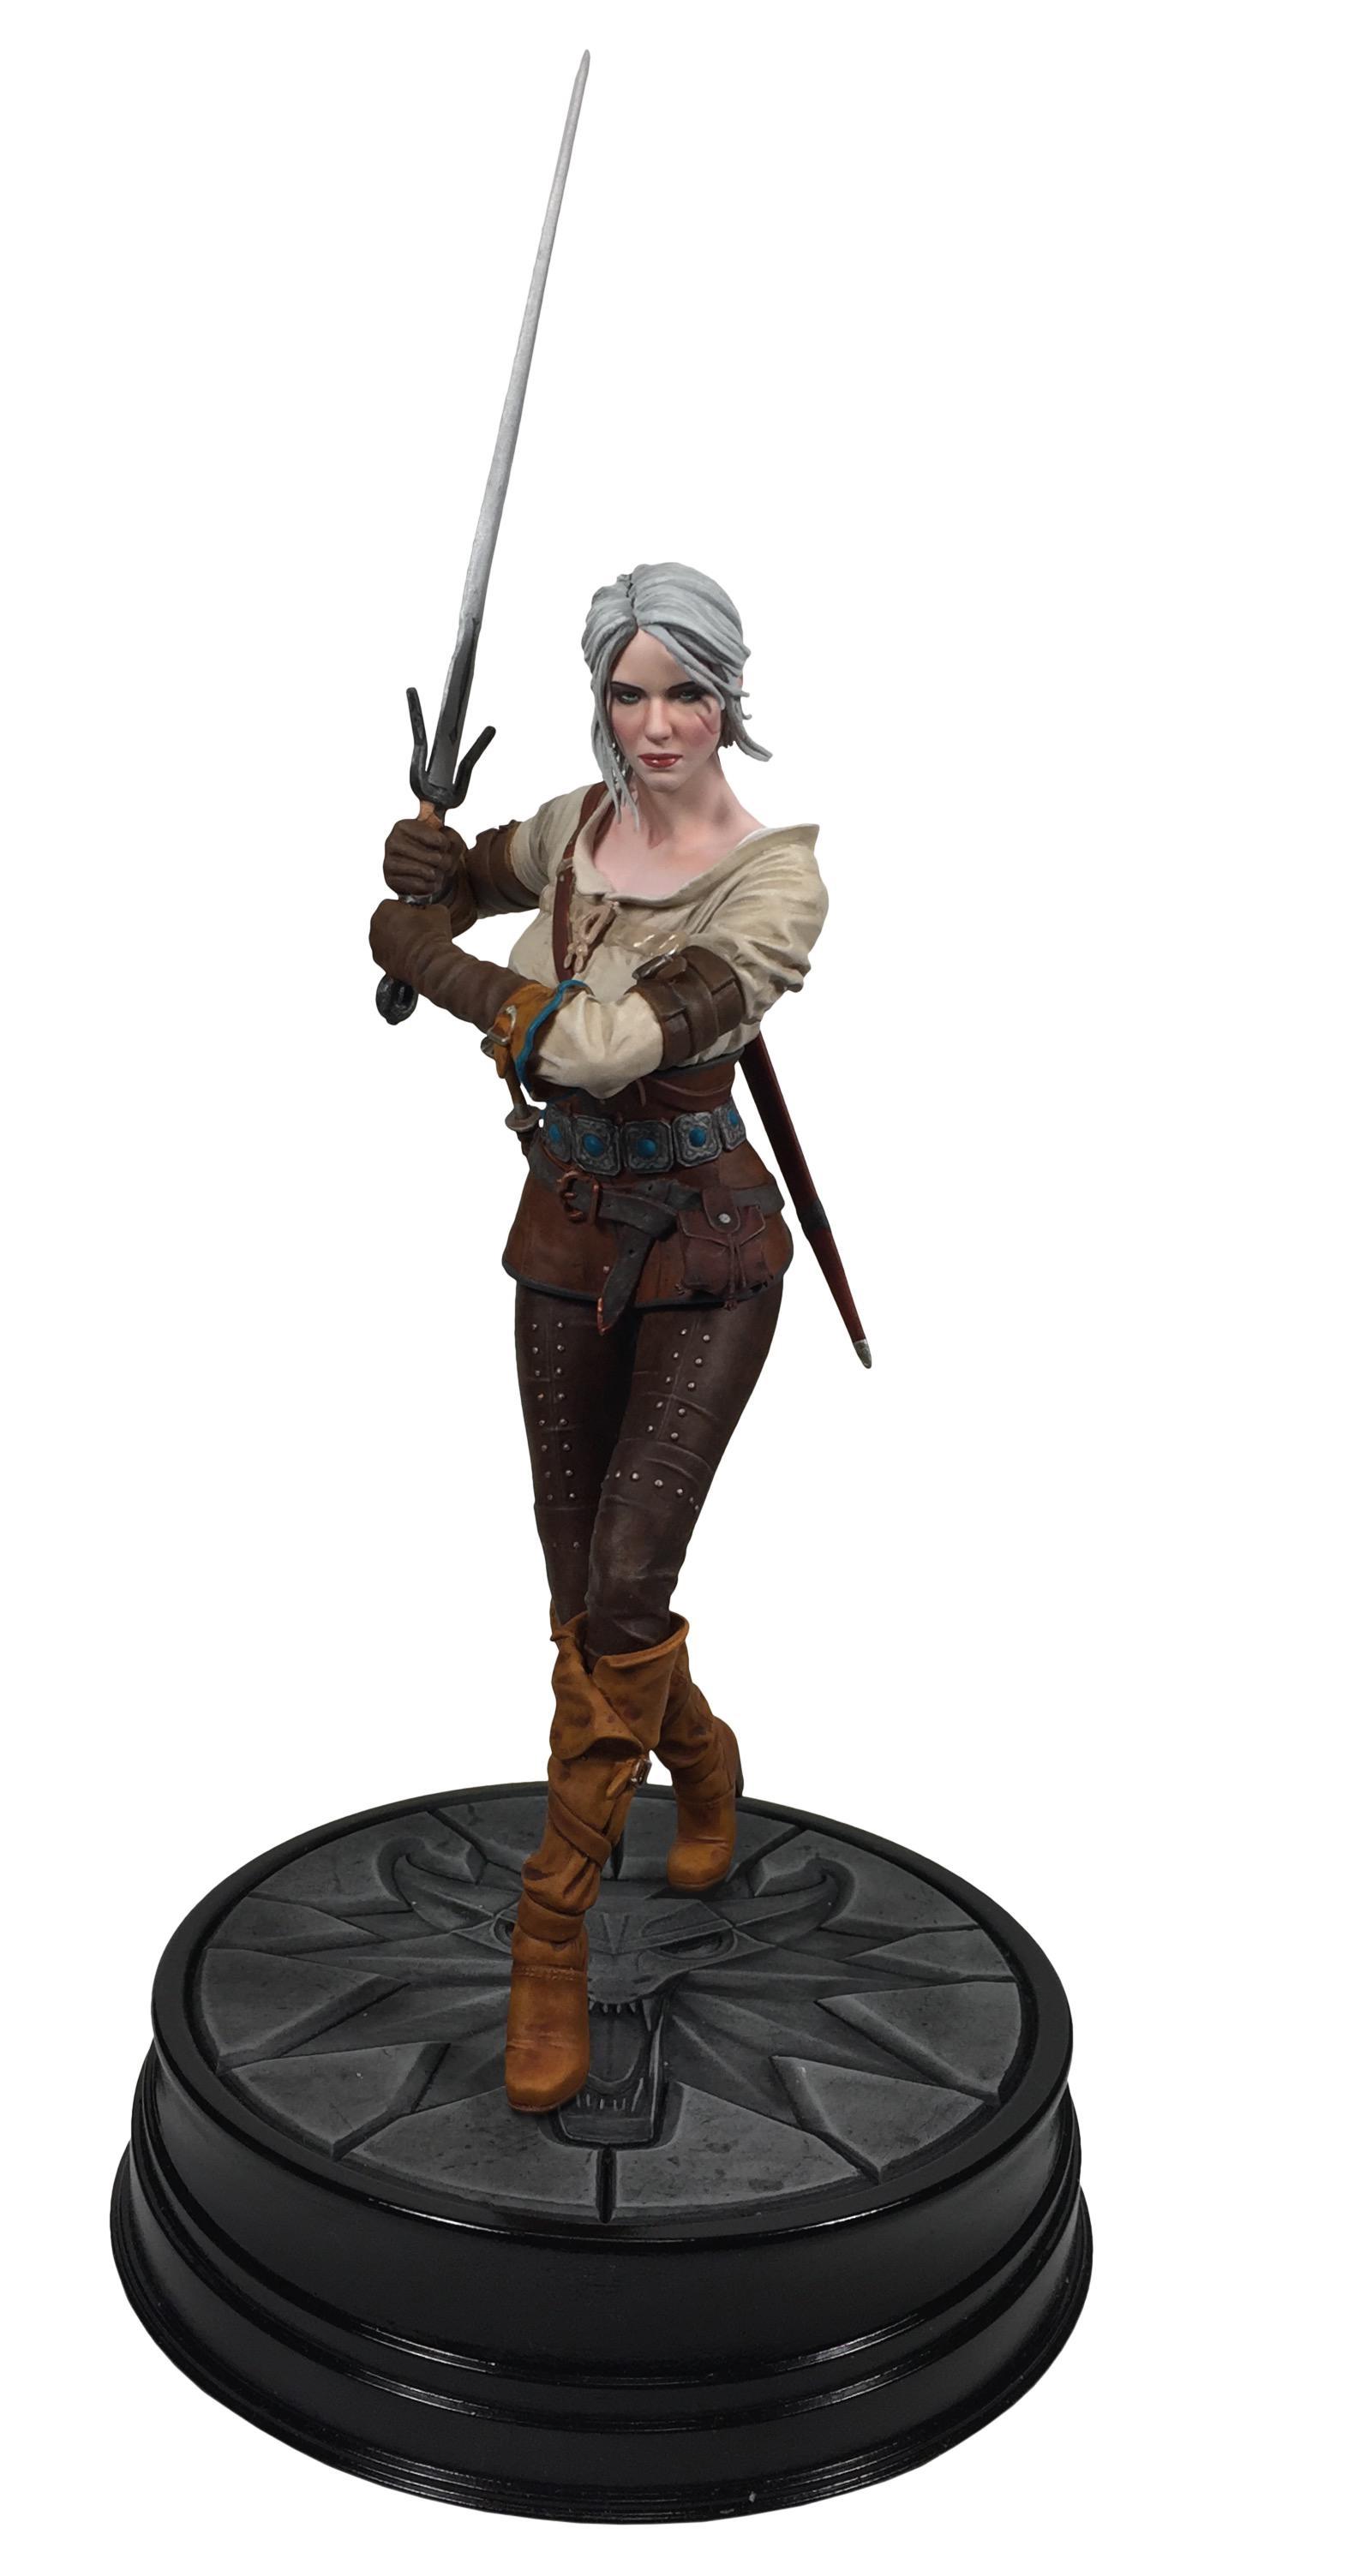 Фигурка Witcher 3: Wild Hunt. Ciri (20 см)Представляем вашему вниманию фигурку Witcher 3: Wild Hunt. Ciri, созданную по мотивам популярной компьютерной игры «Ведьмак 3: Дикая охота».<br>